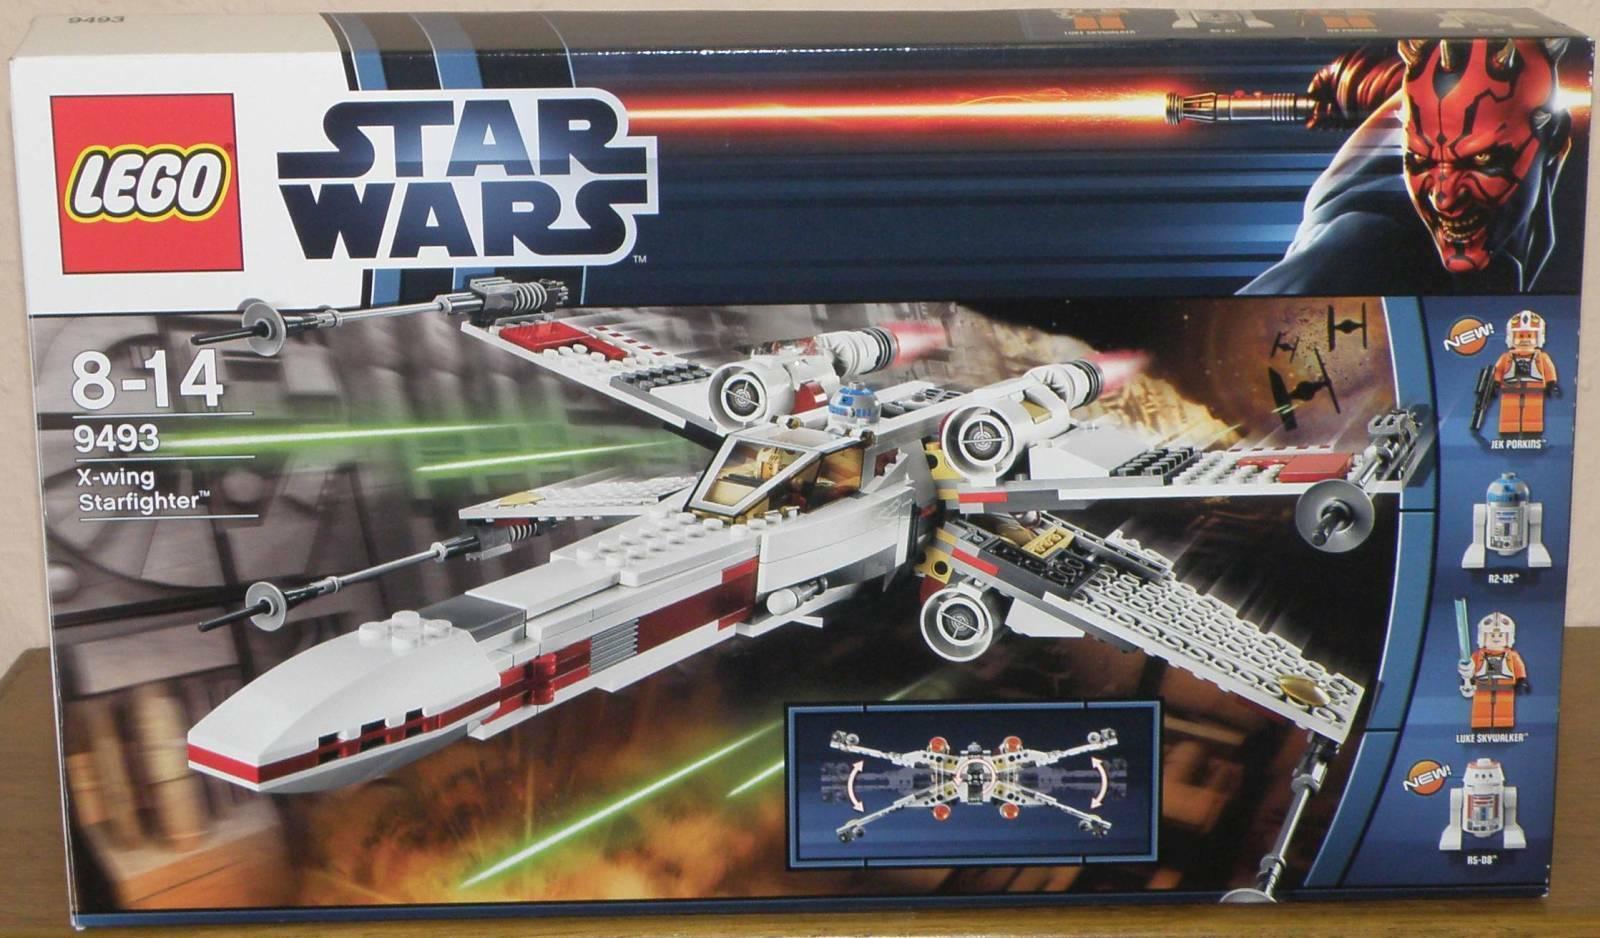 LEGO  estrella guerras 9493 X-Wing stellari con personaggi Istruzioni imbtuttiaggio originale 100% COMPLETO  disponibile